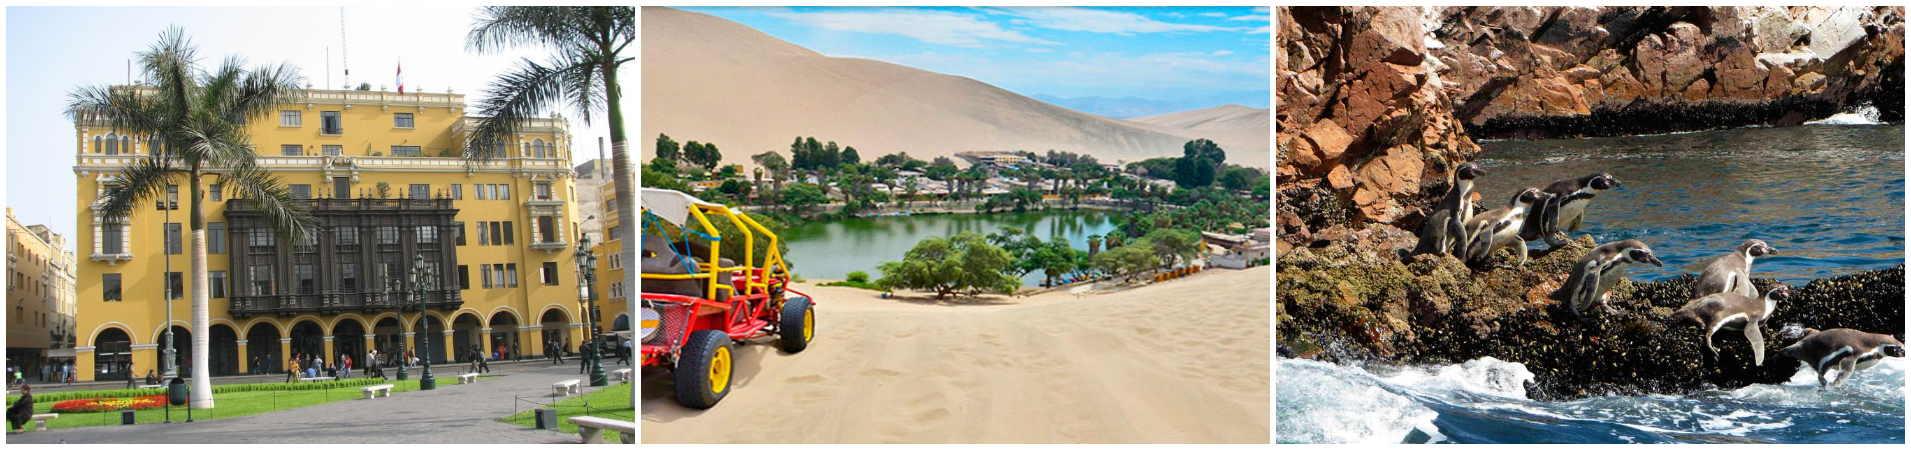 Viaje Lima Ica Paracas Cusco Machupicchu Puno Arequipa 15 dias